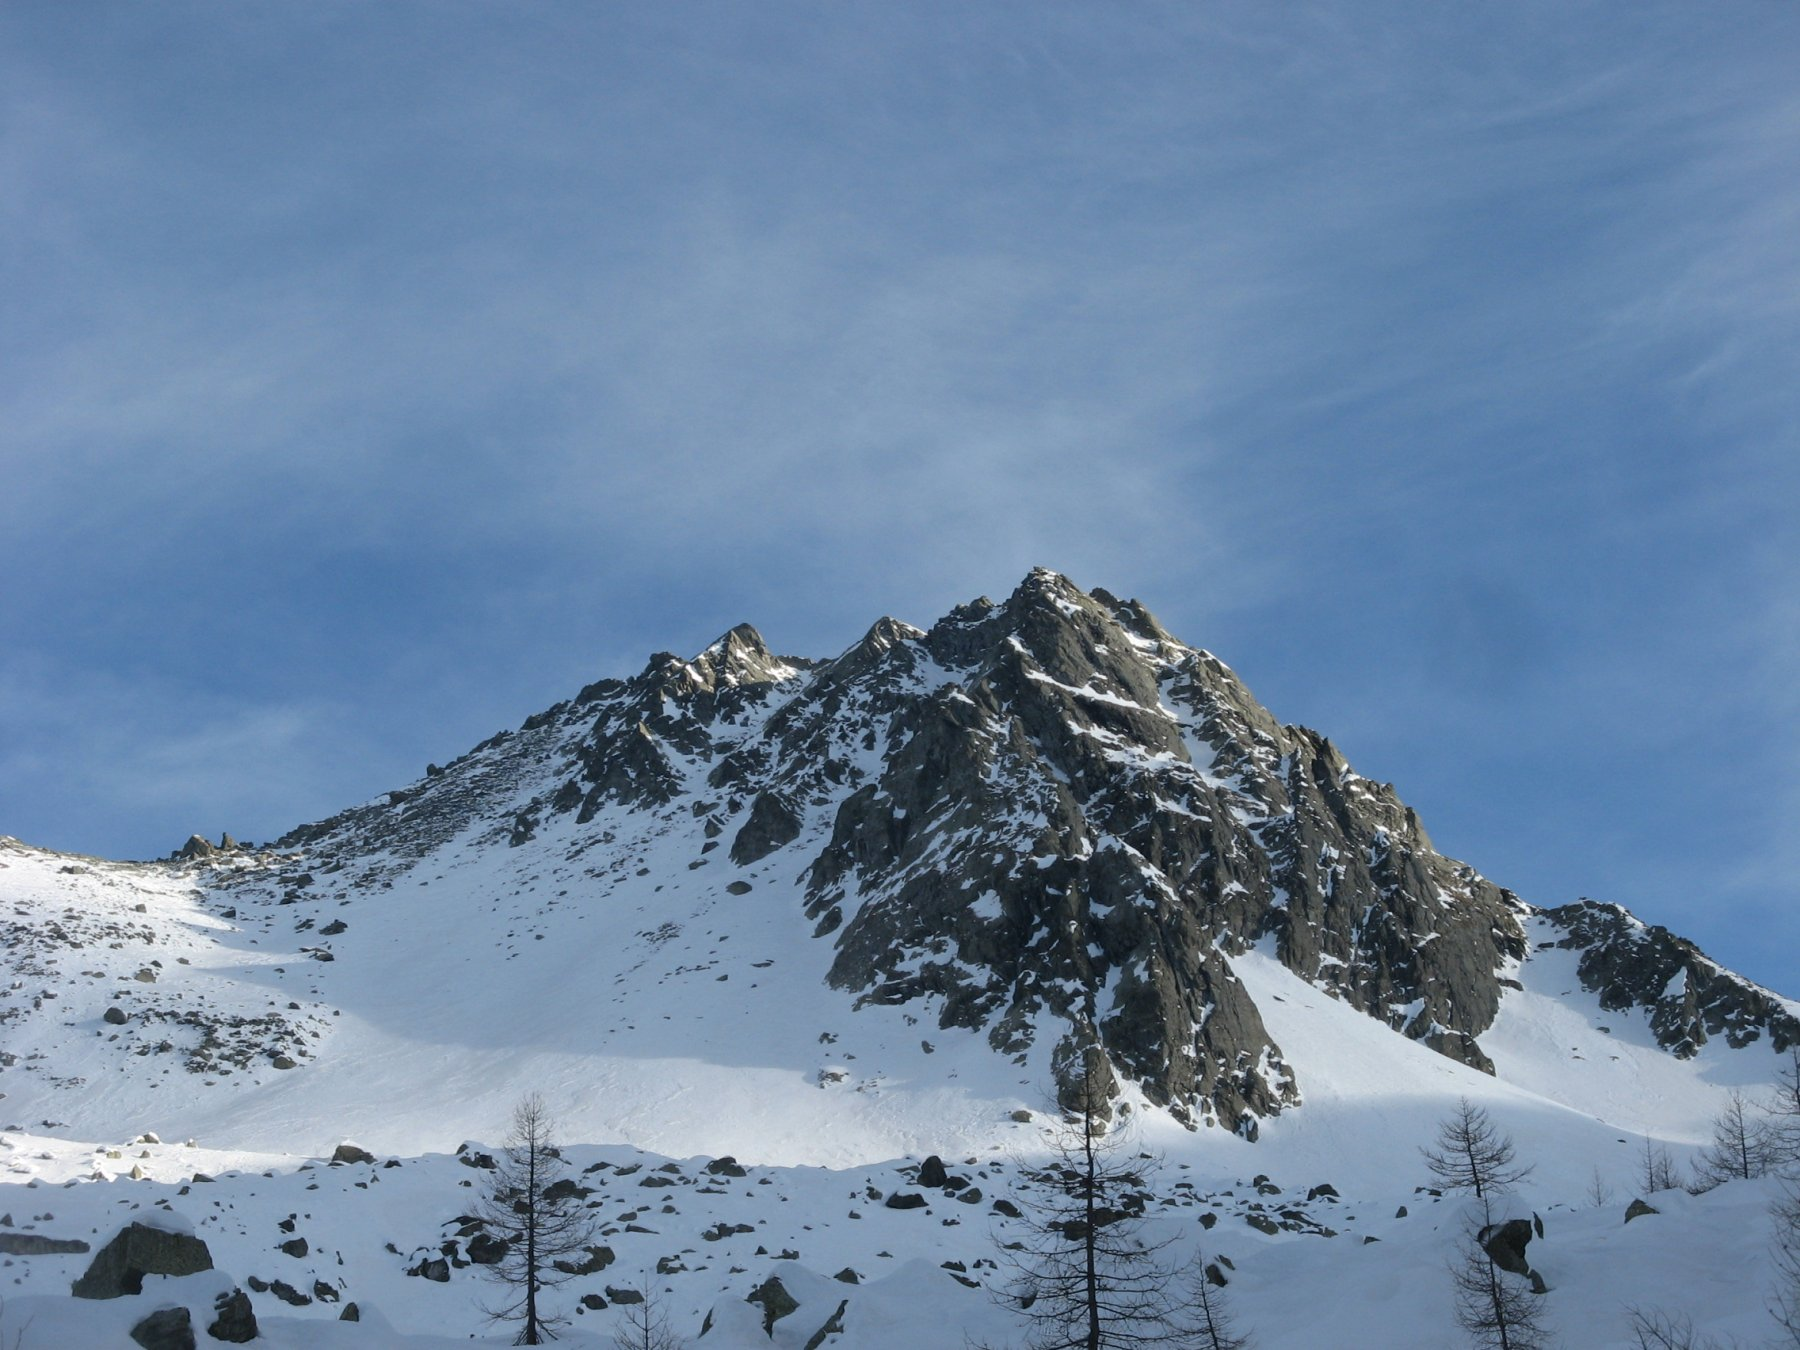 Manzol (Monte) Parete NO - Canale Centrale 2020-02-15